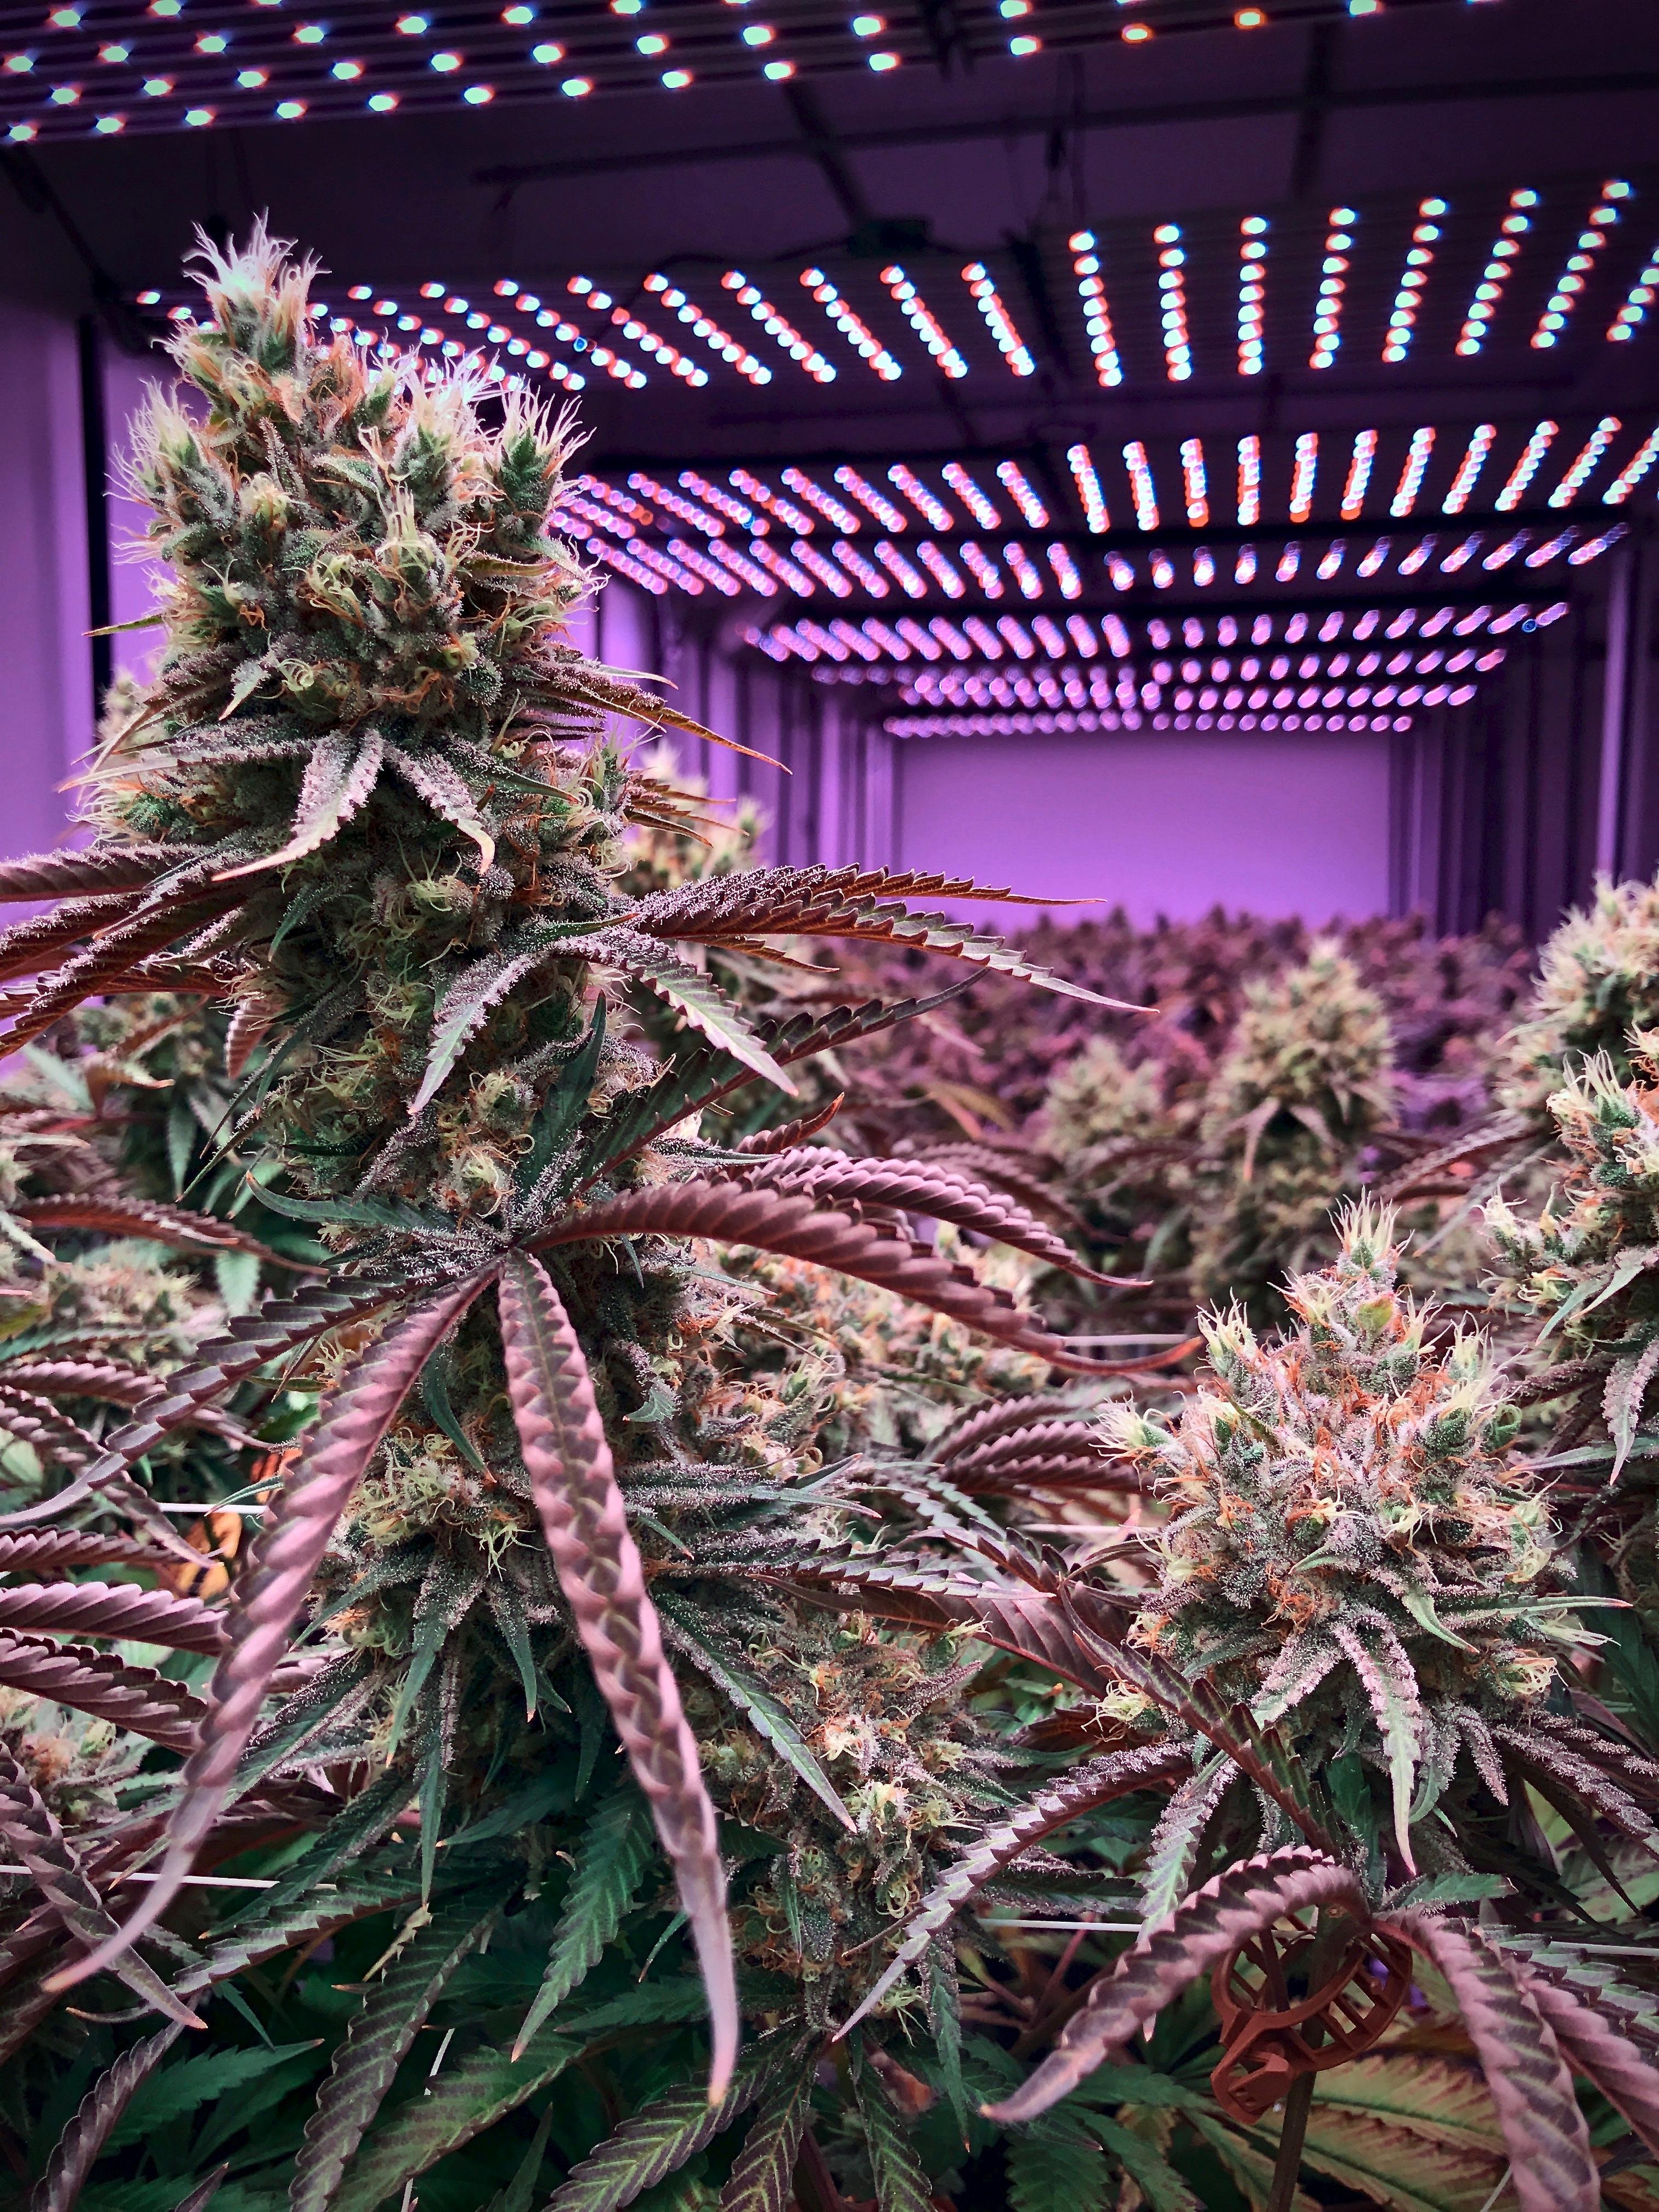 Indoor cannabis farm.